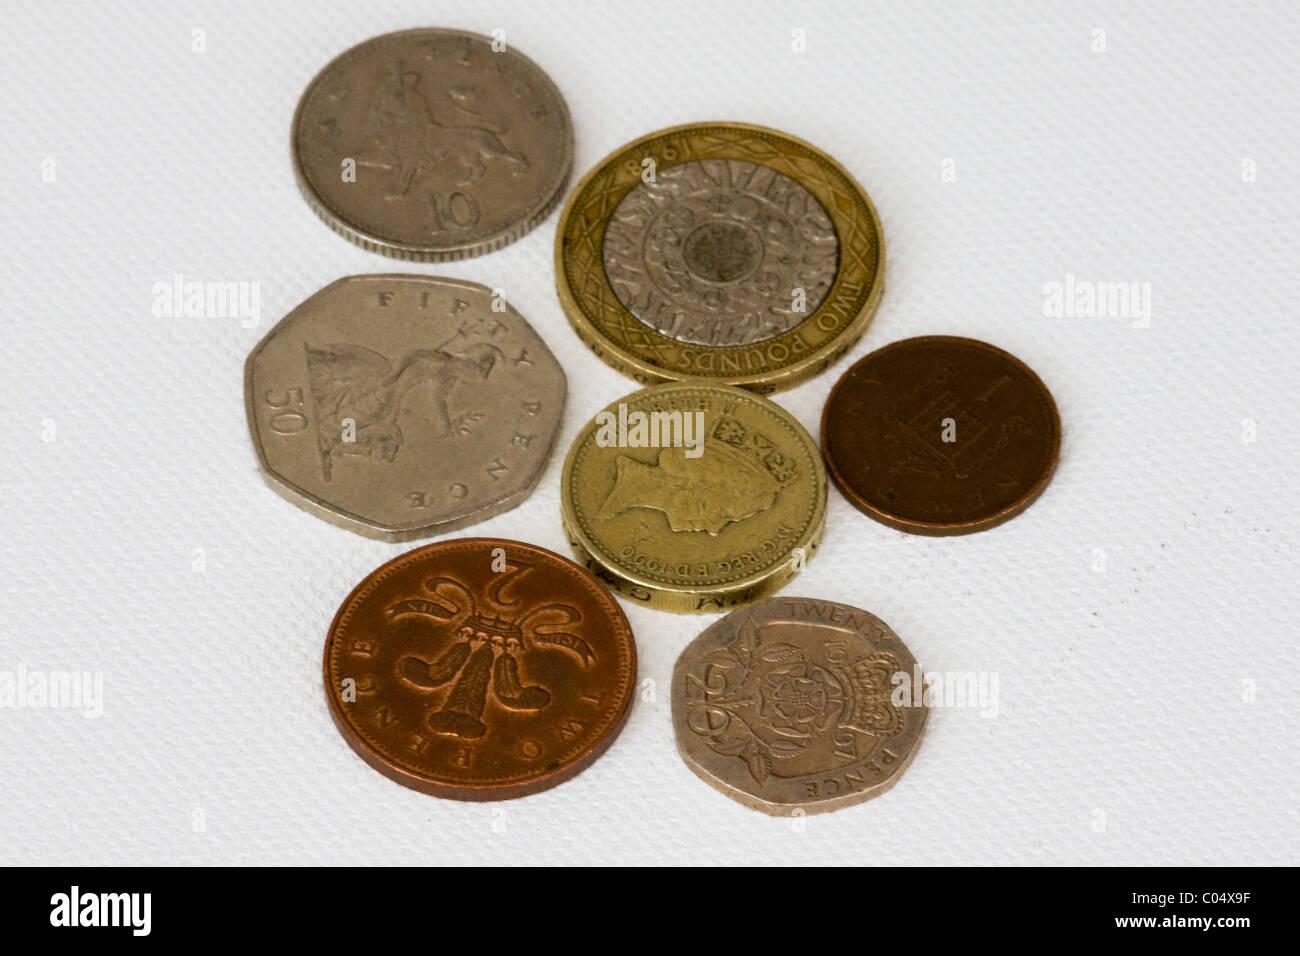 Pence Coin Queen Elizabeth Ii Stock Photos Amp Pence Coin